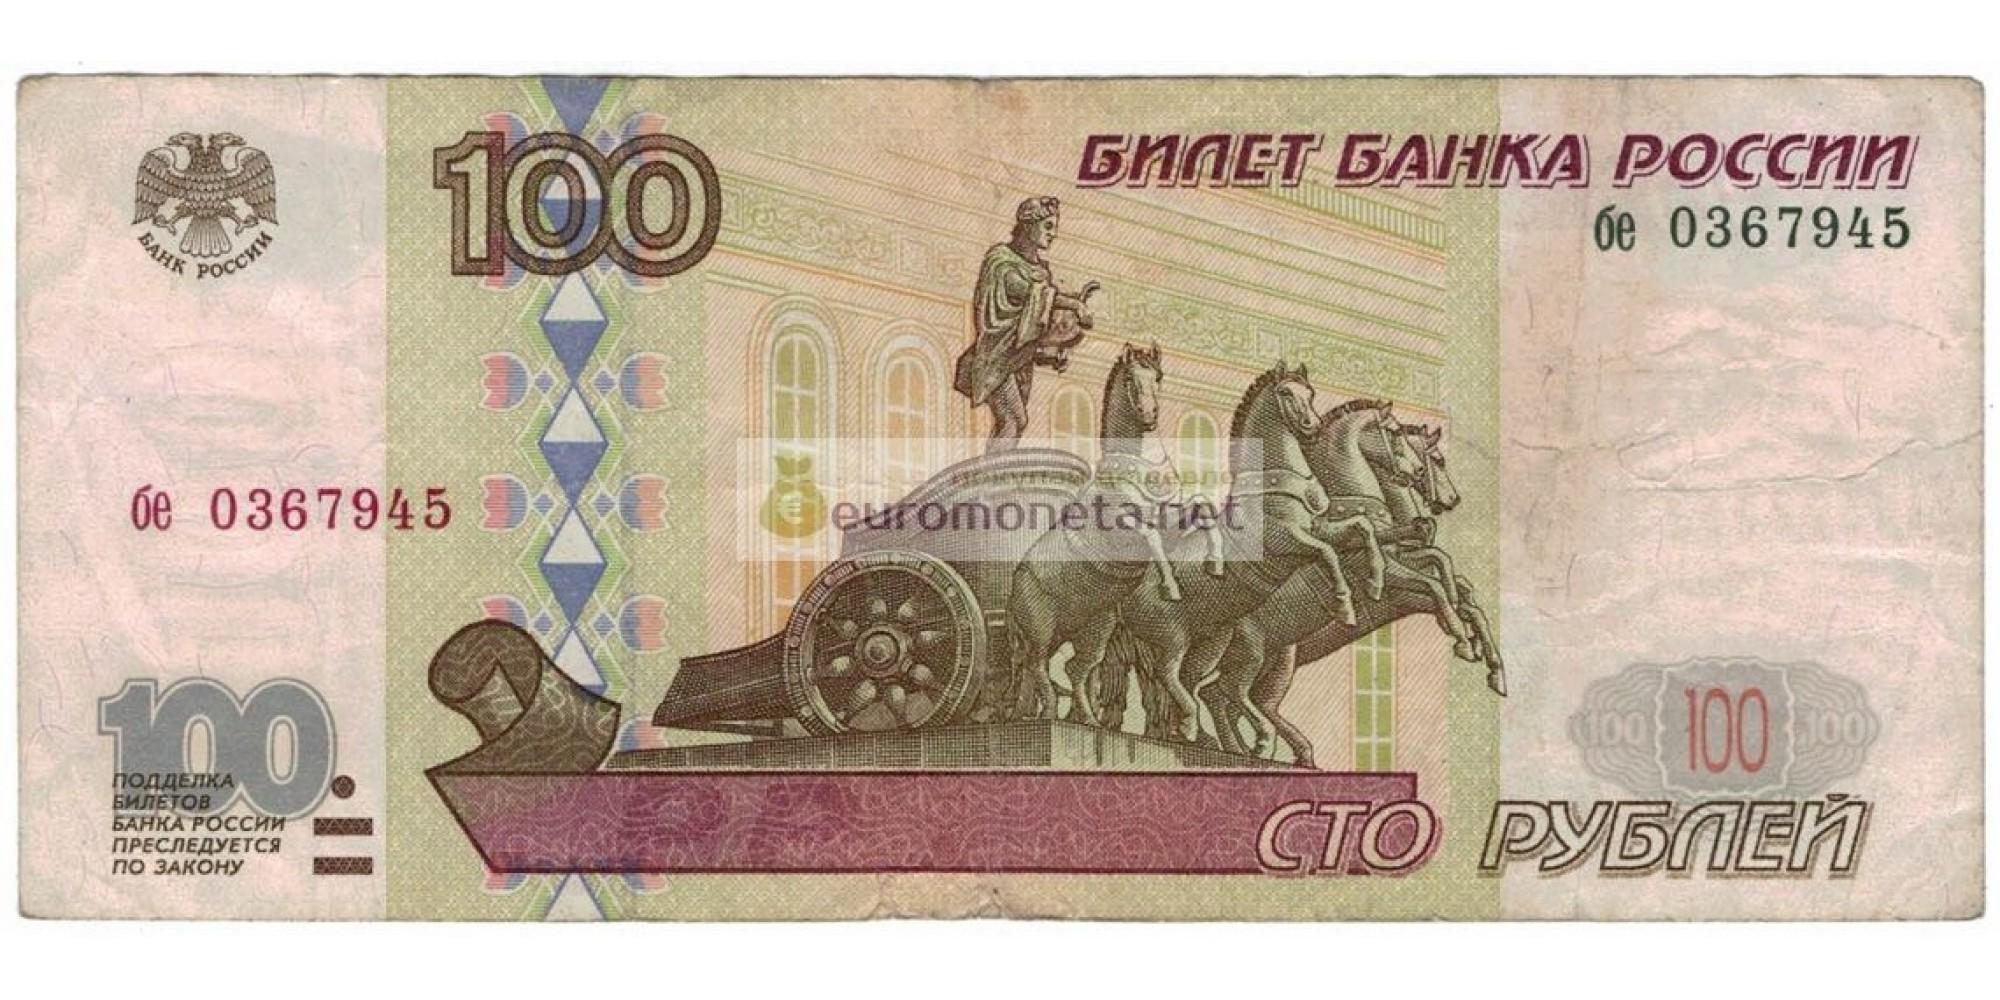 Россия 100 рублей 1997 год без модификации серия бе 0367945